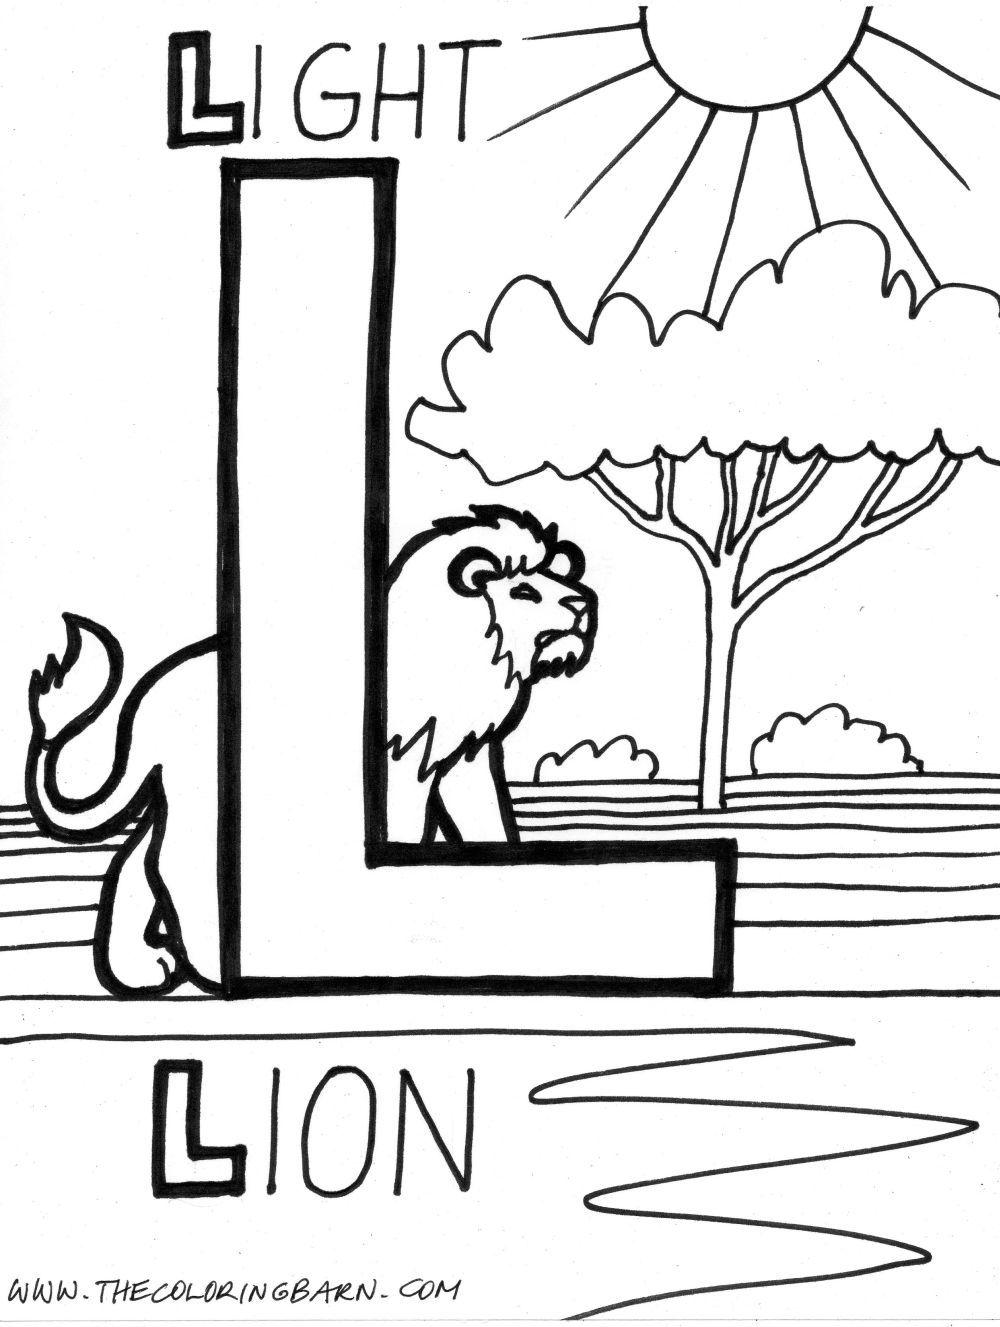 L for Light L for Lion